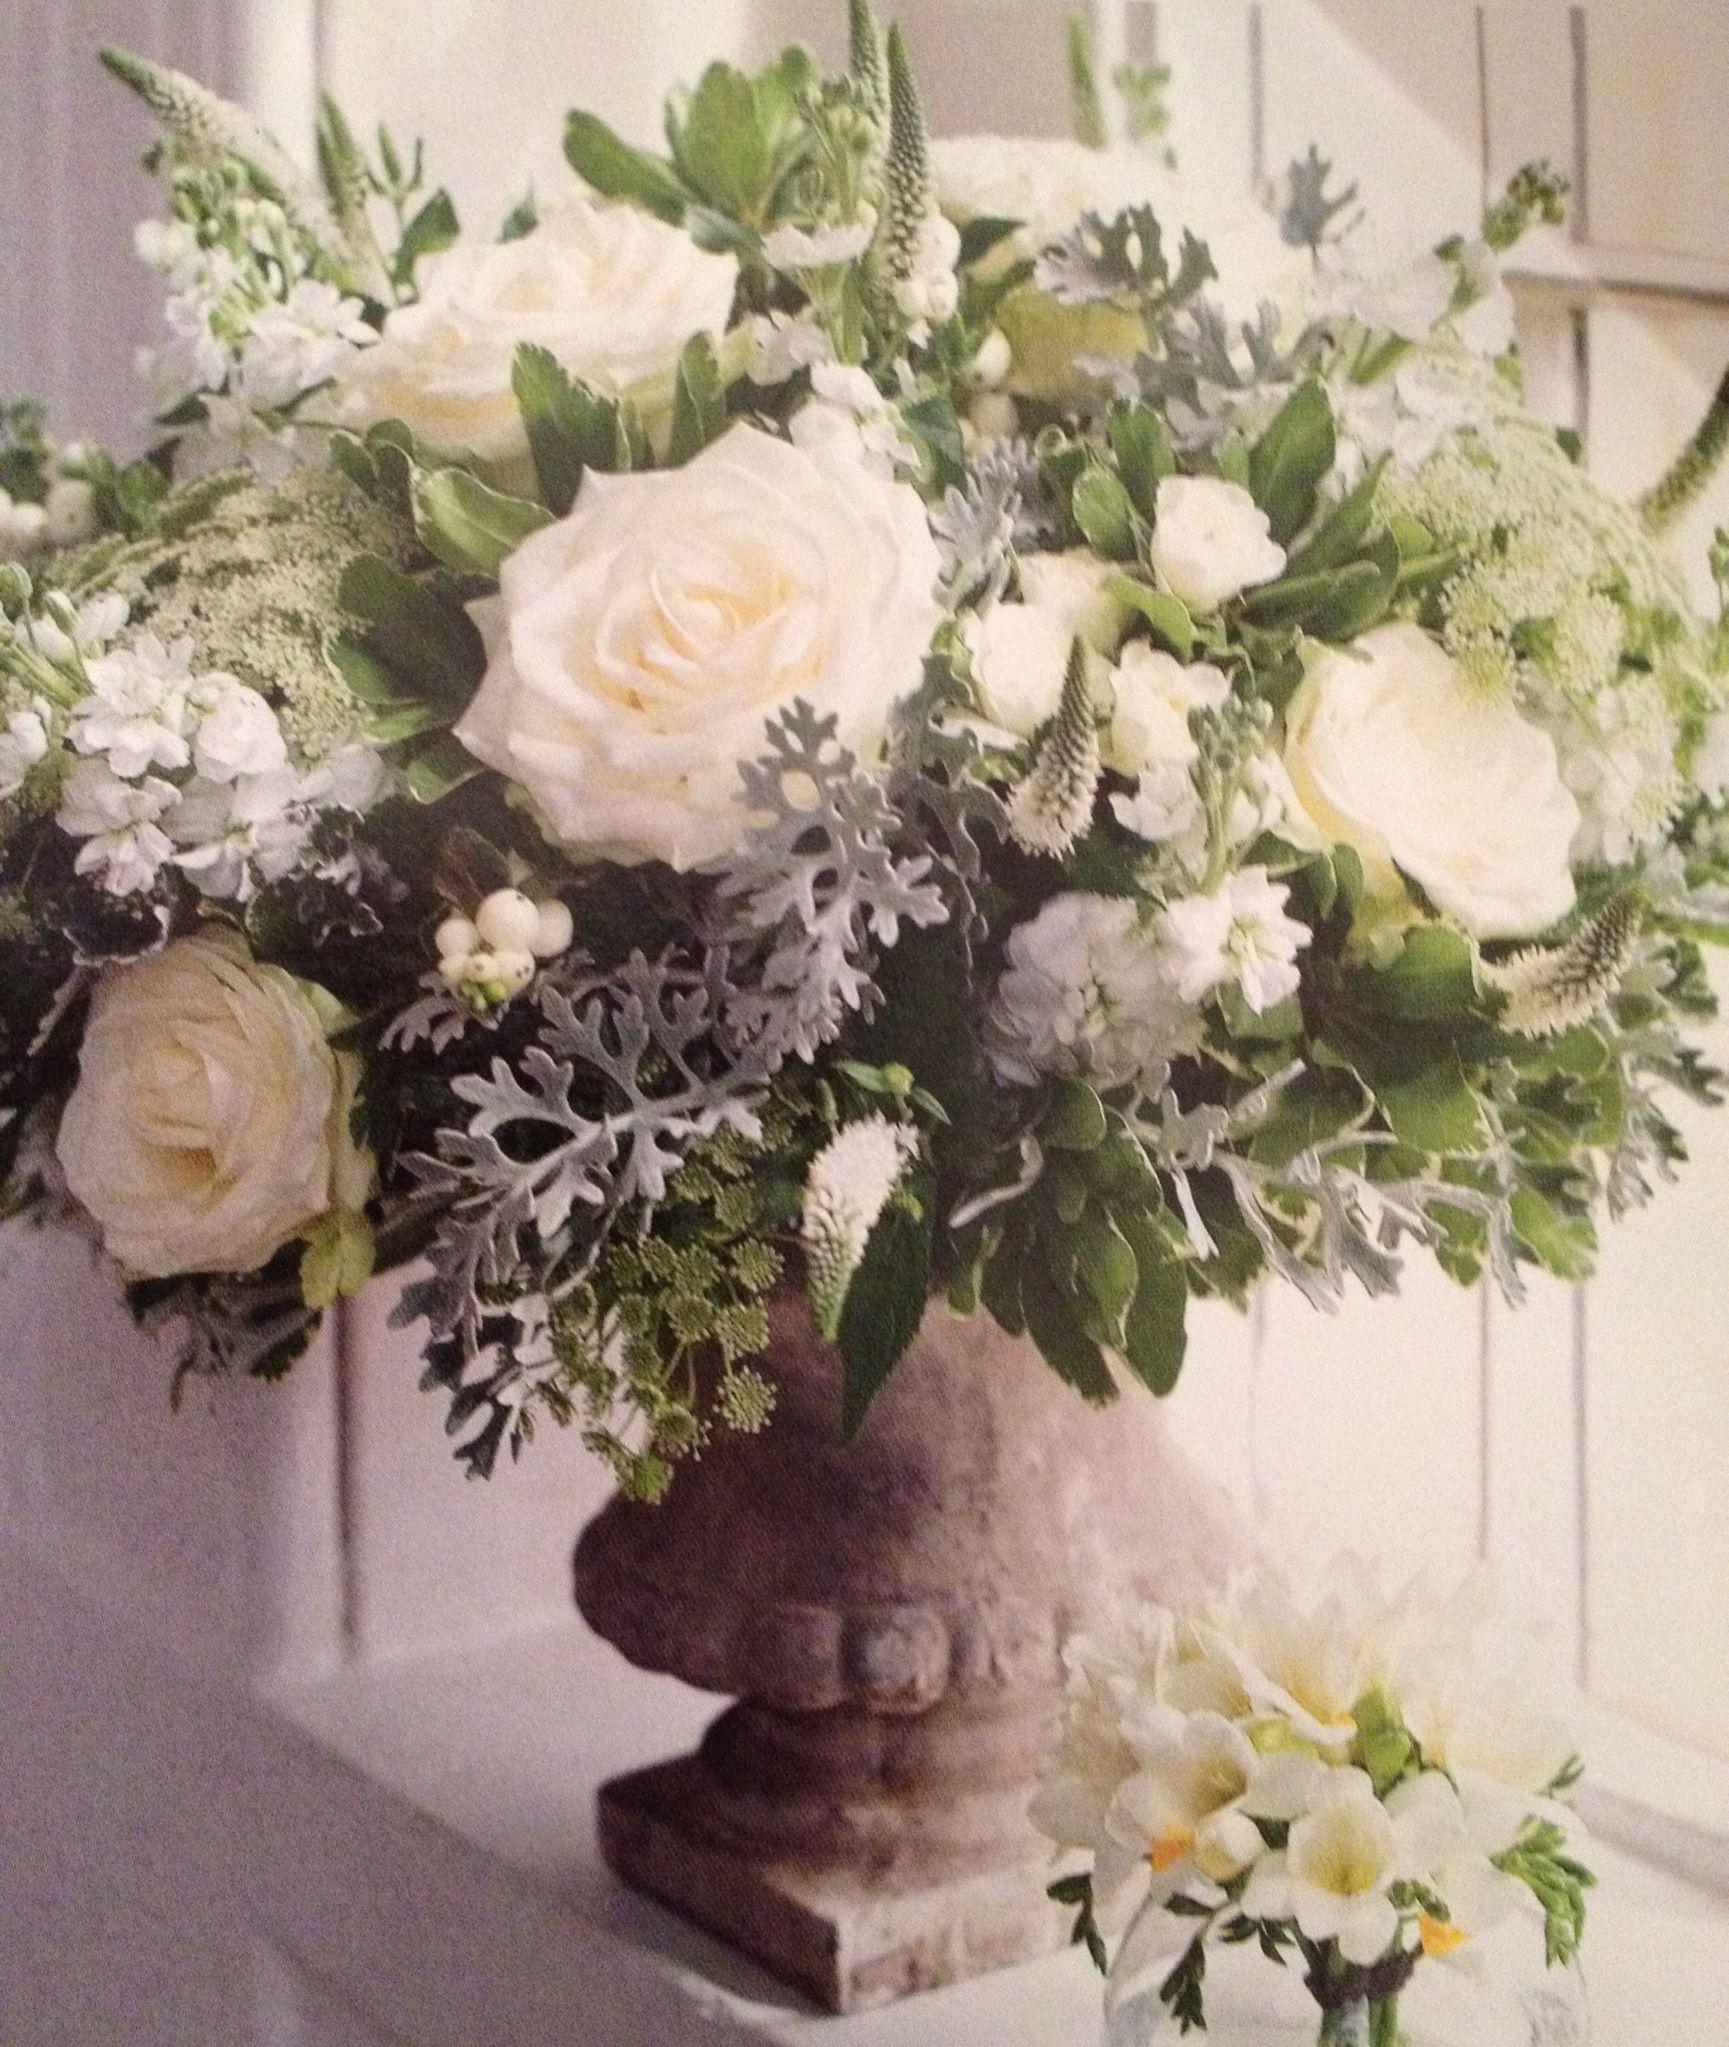 For Church Altar Flowers: Altar Flowers